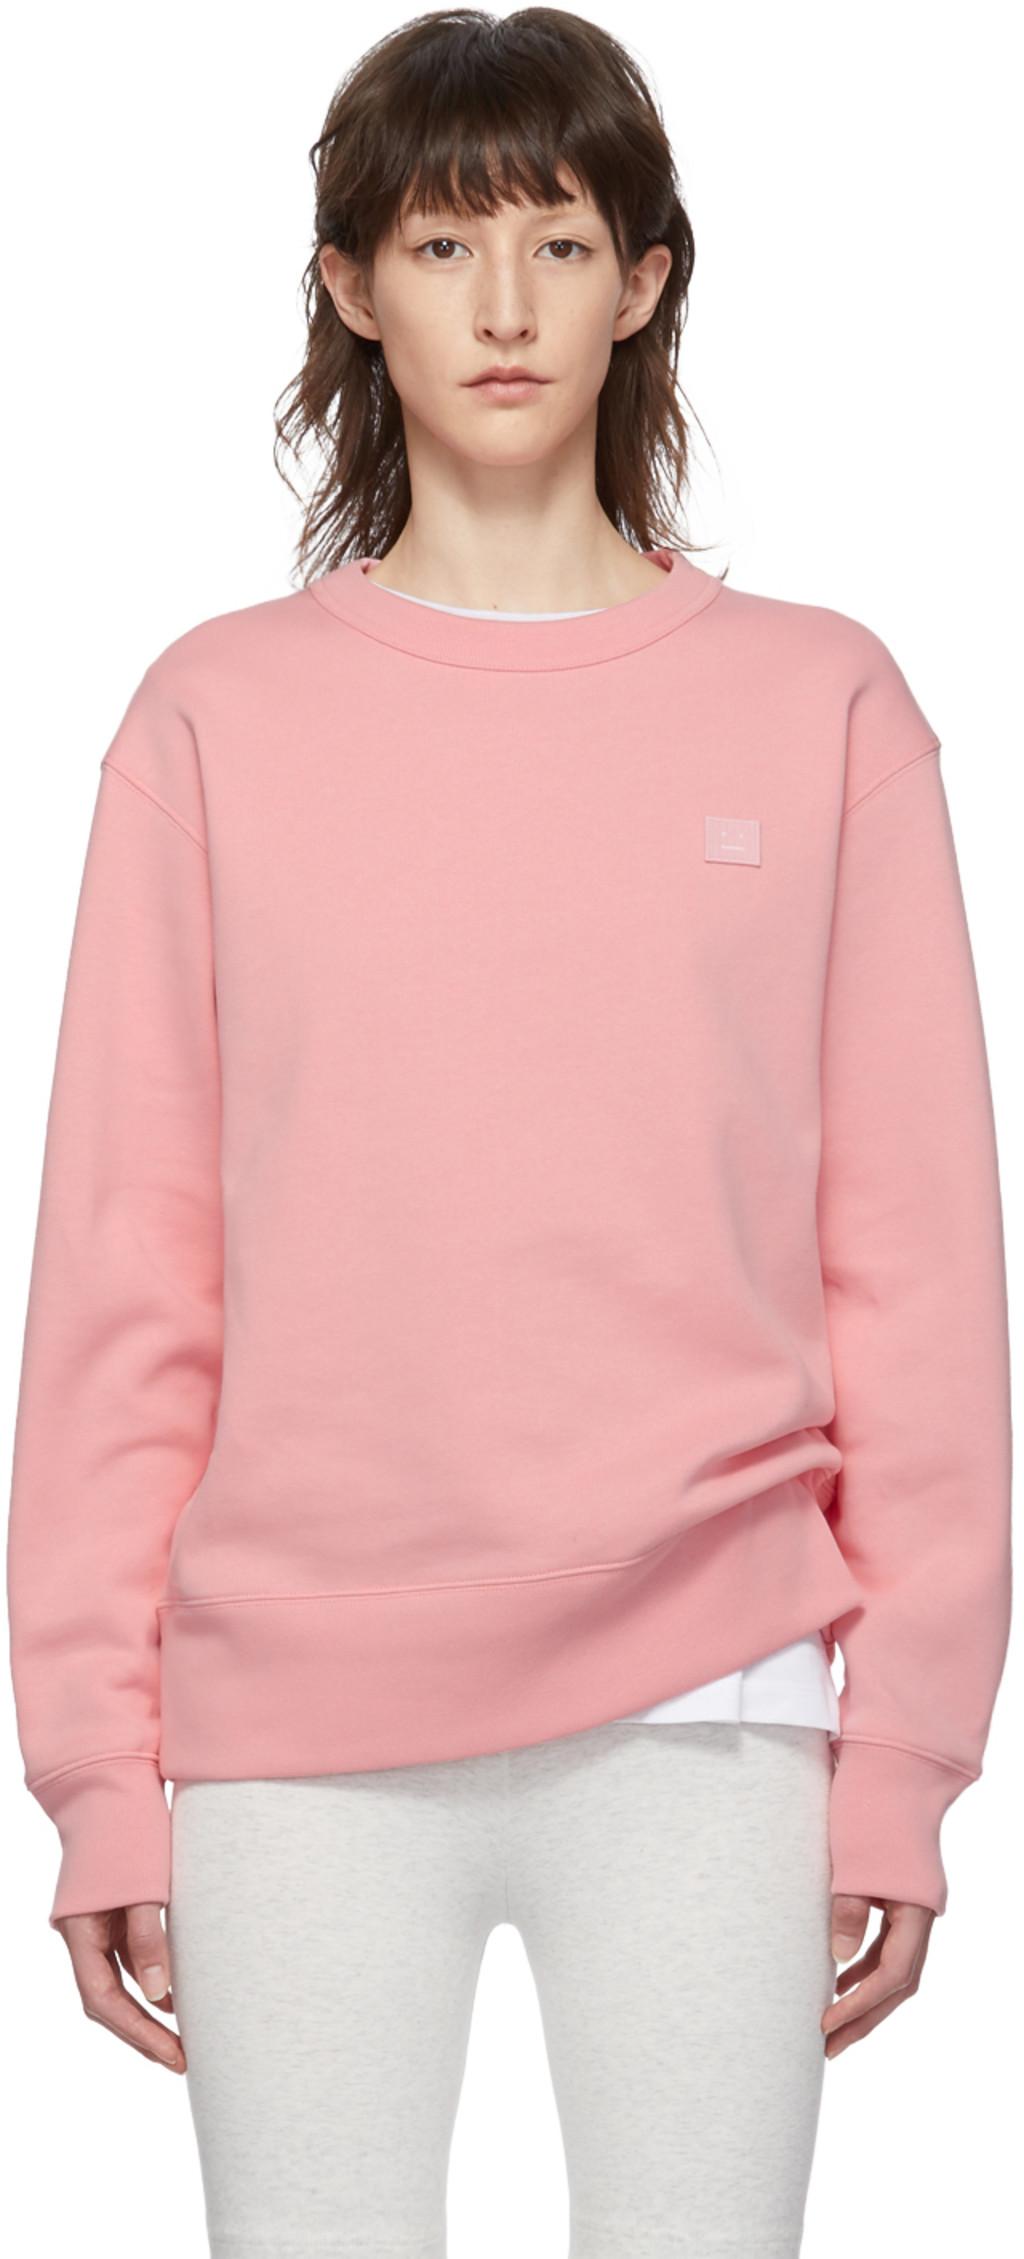 0897bd5a699 Pink Fairview Face Sweatshirt